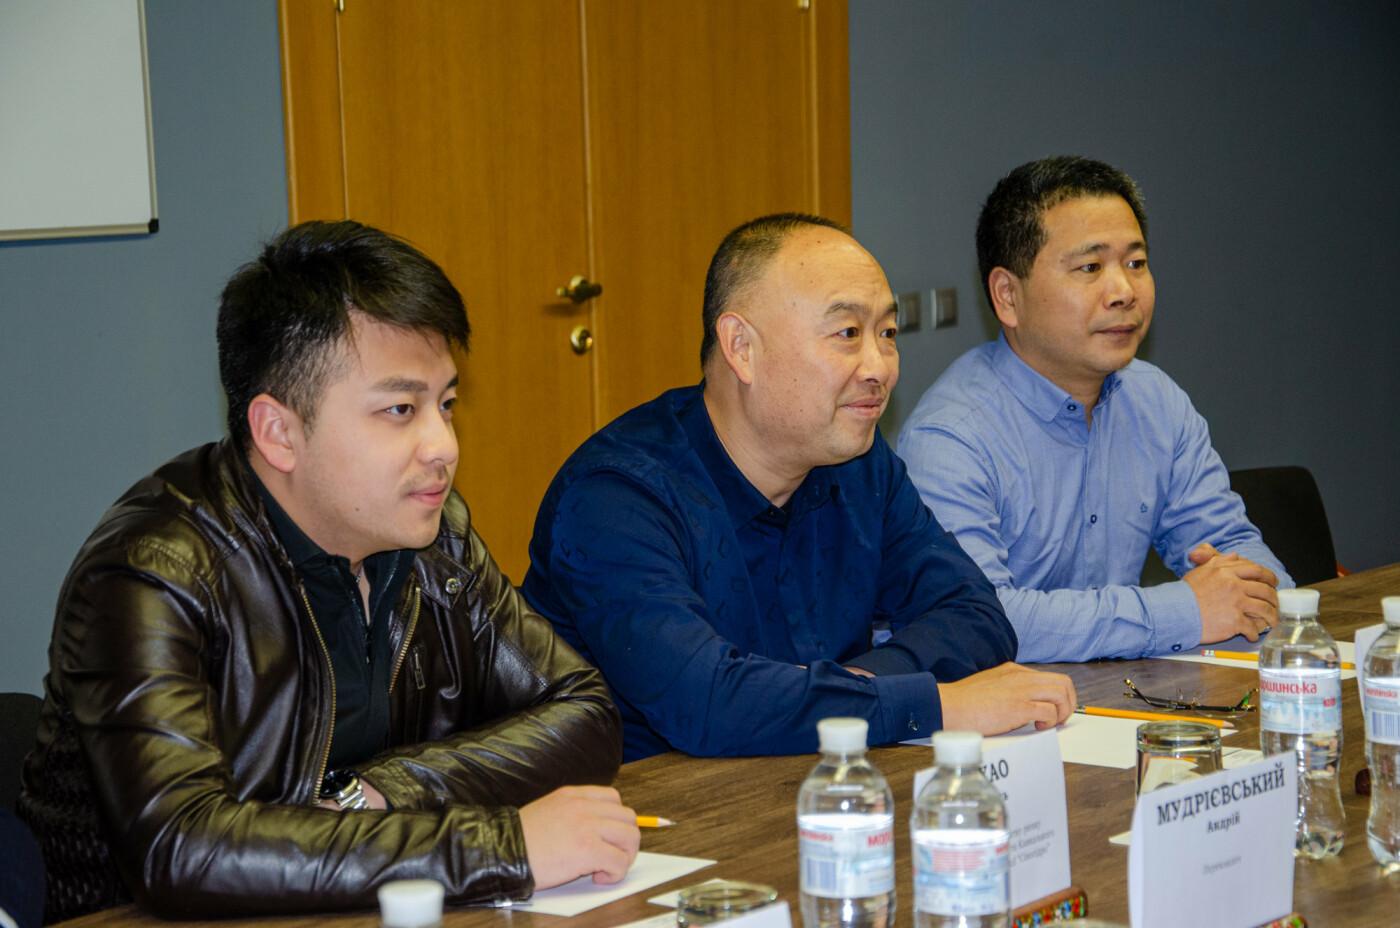 Китай может инвестировать деньги в строительство дорог в Днепропетровской области, - ФОТО, фото-2